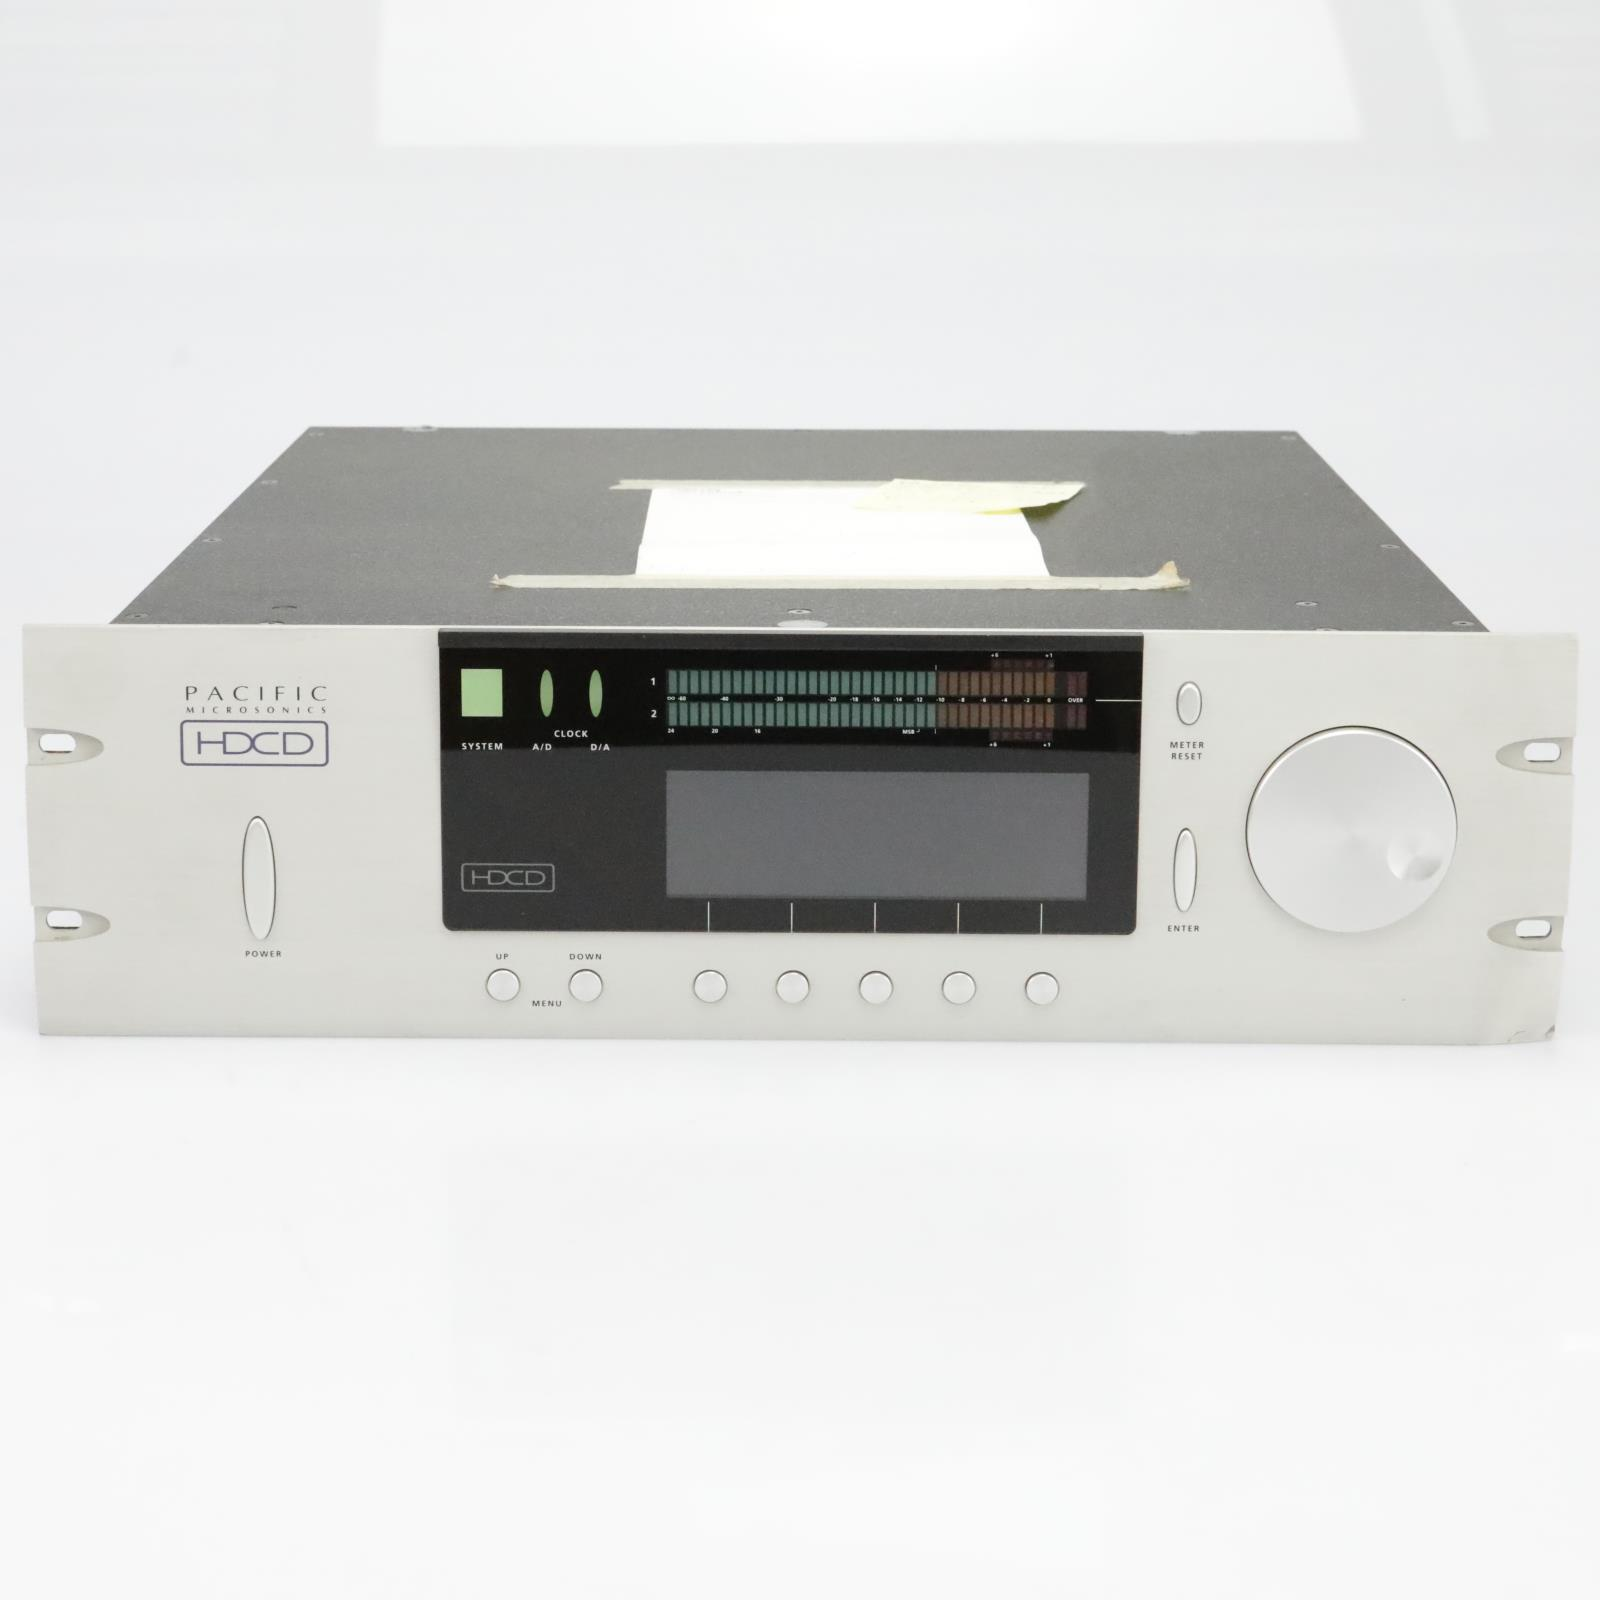 Pacific Microsonics HDCD Model One Processor AD/DA Converter #39932